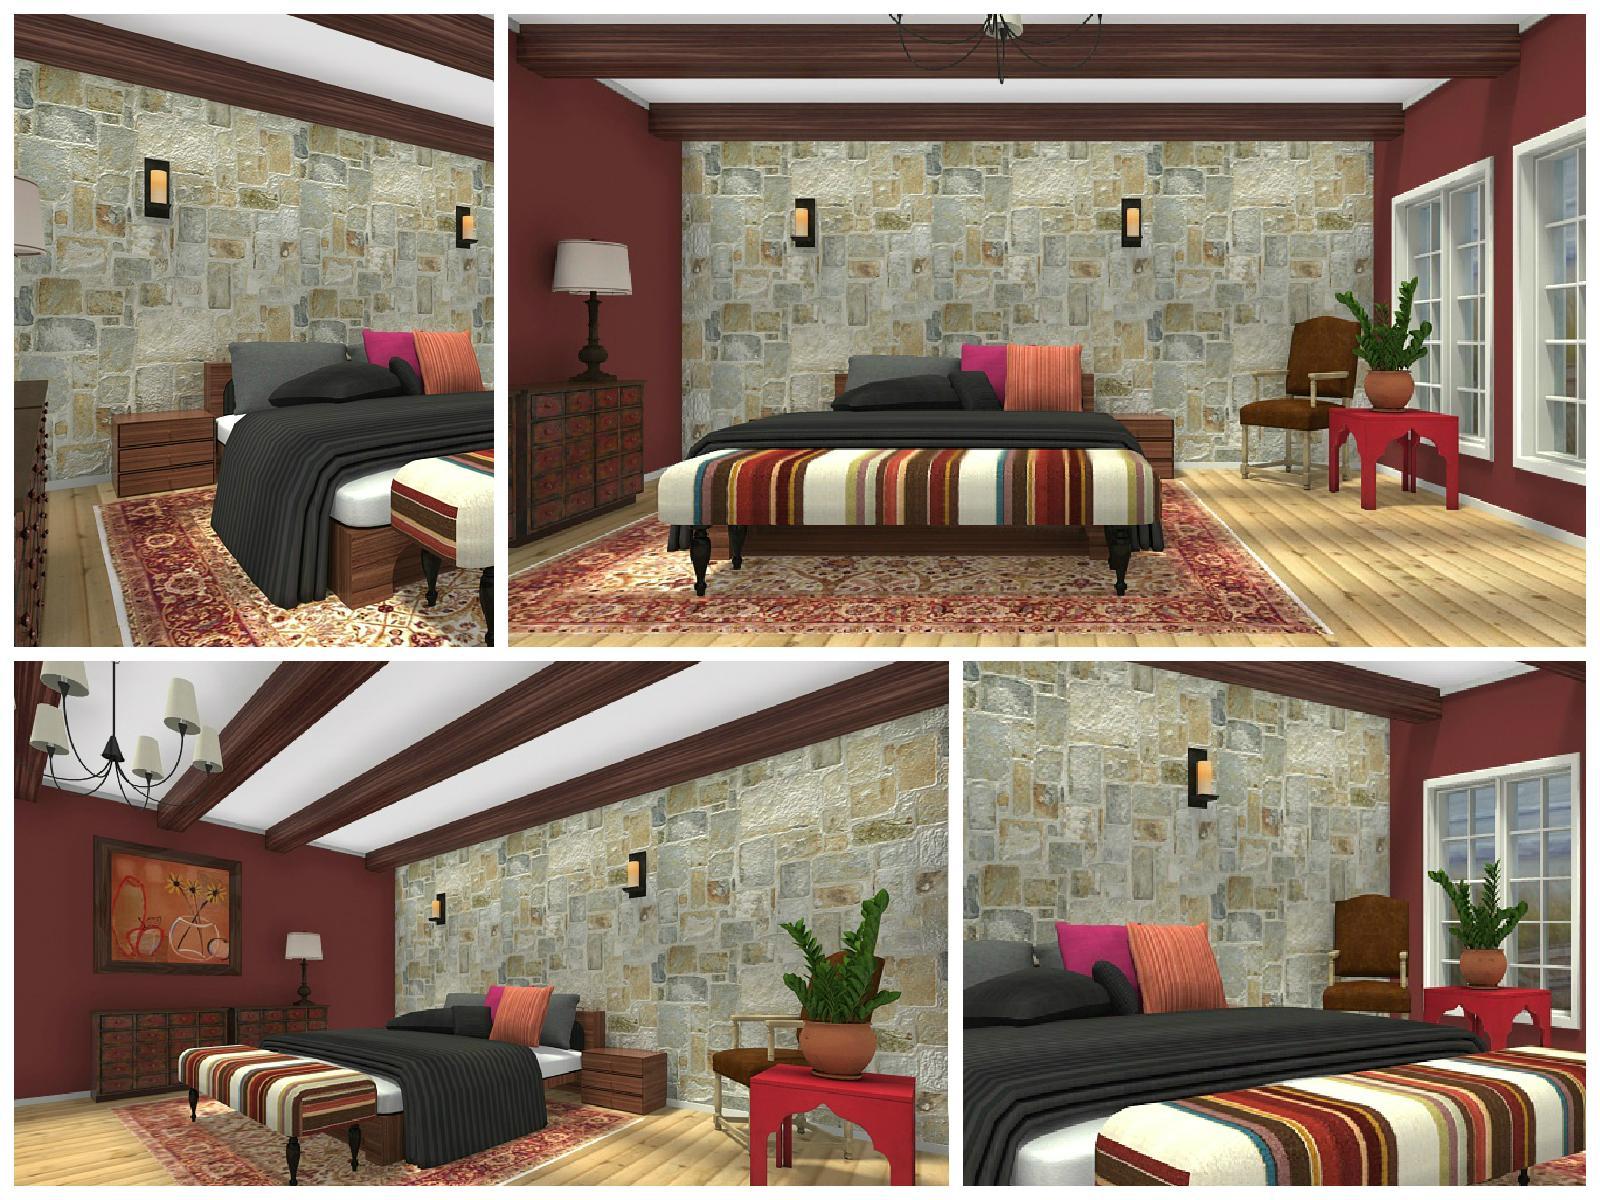 mediterraner stil bilder ideen couchstyle